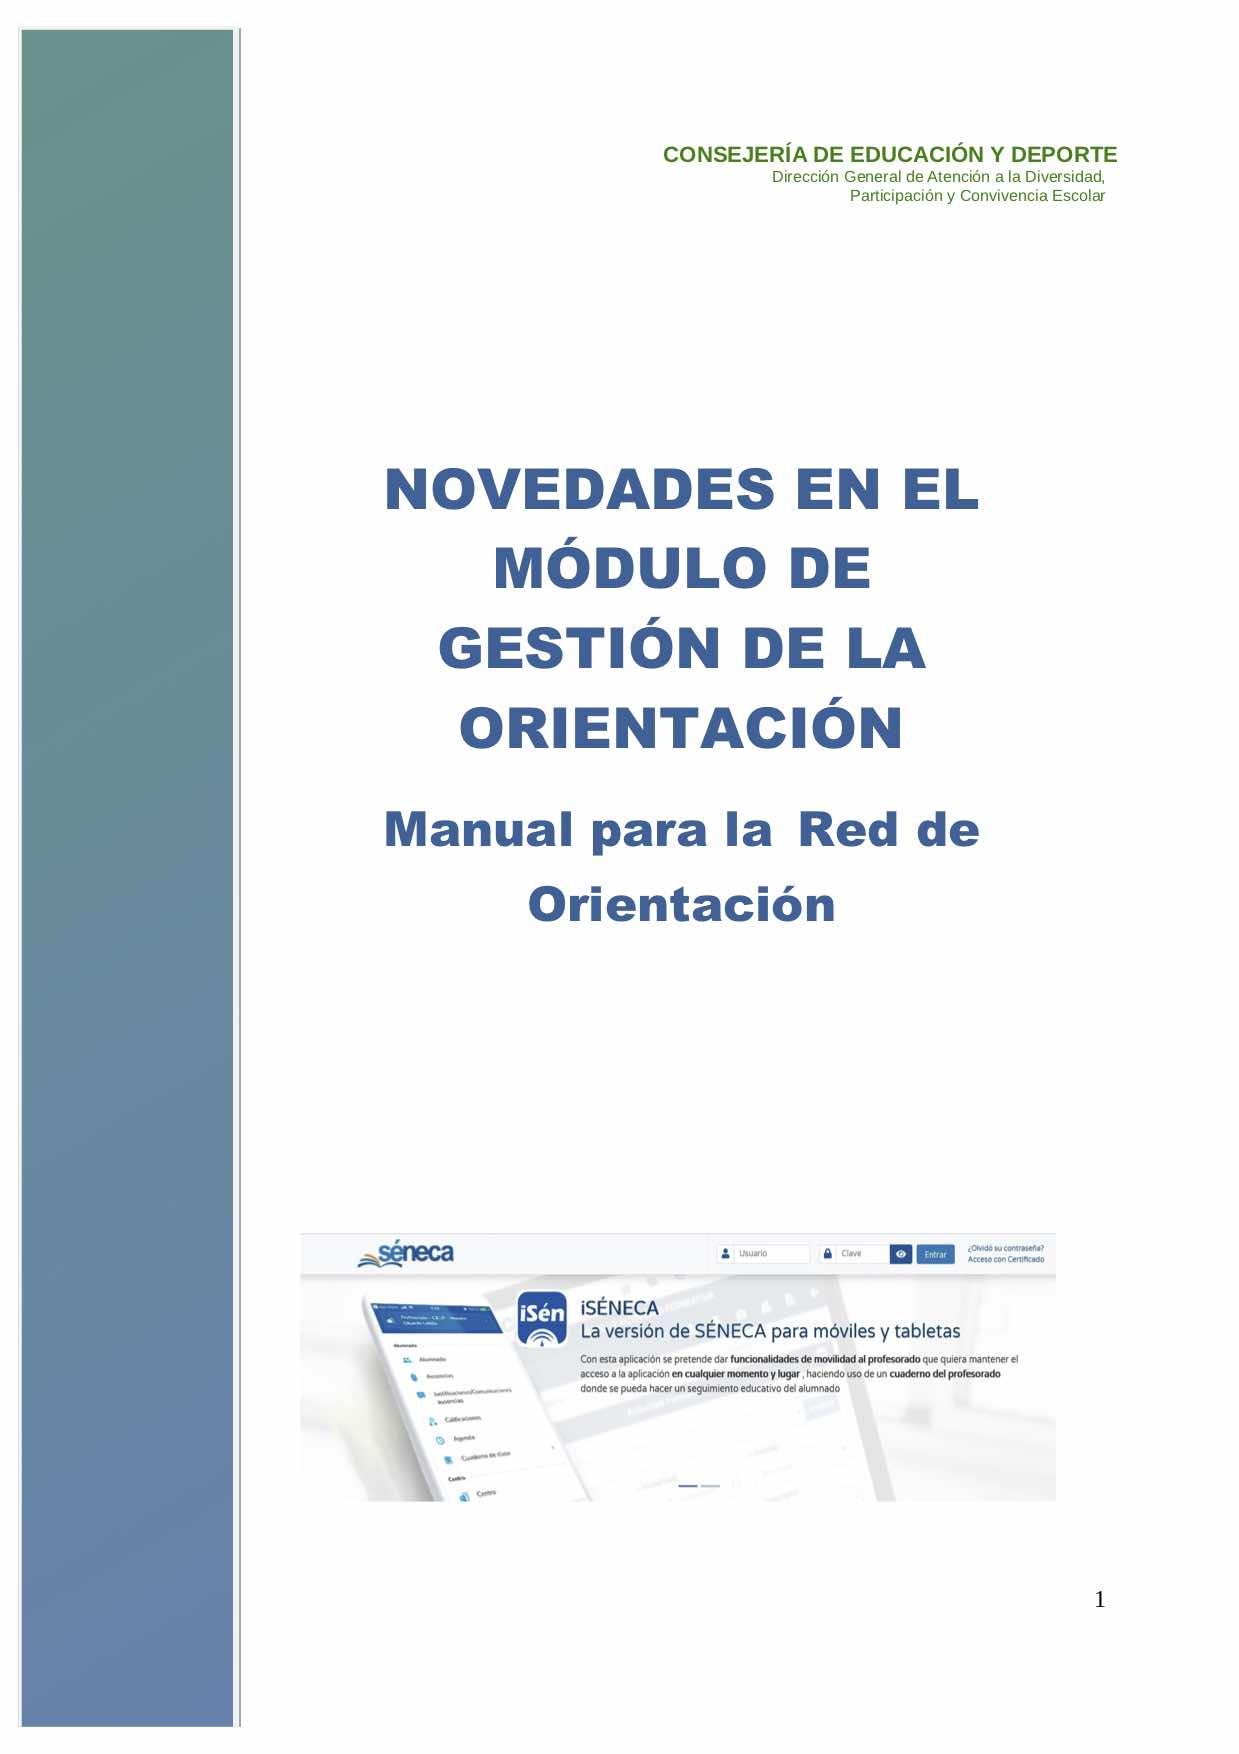 NOVEDADES SENECA. EN EL MÓDULO DE GESTIÓN DE LA ORIENTACIÓN